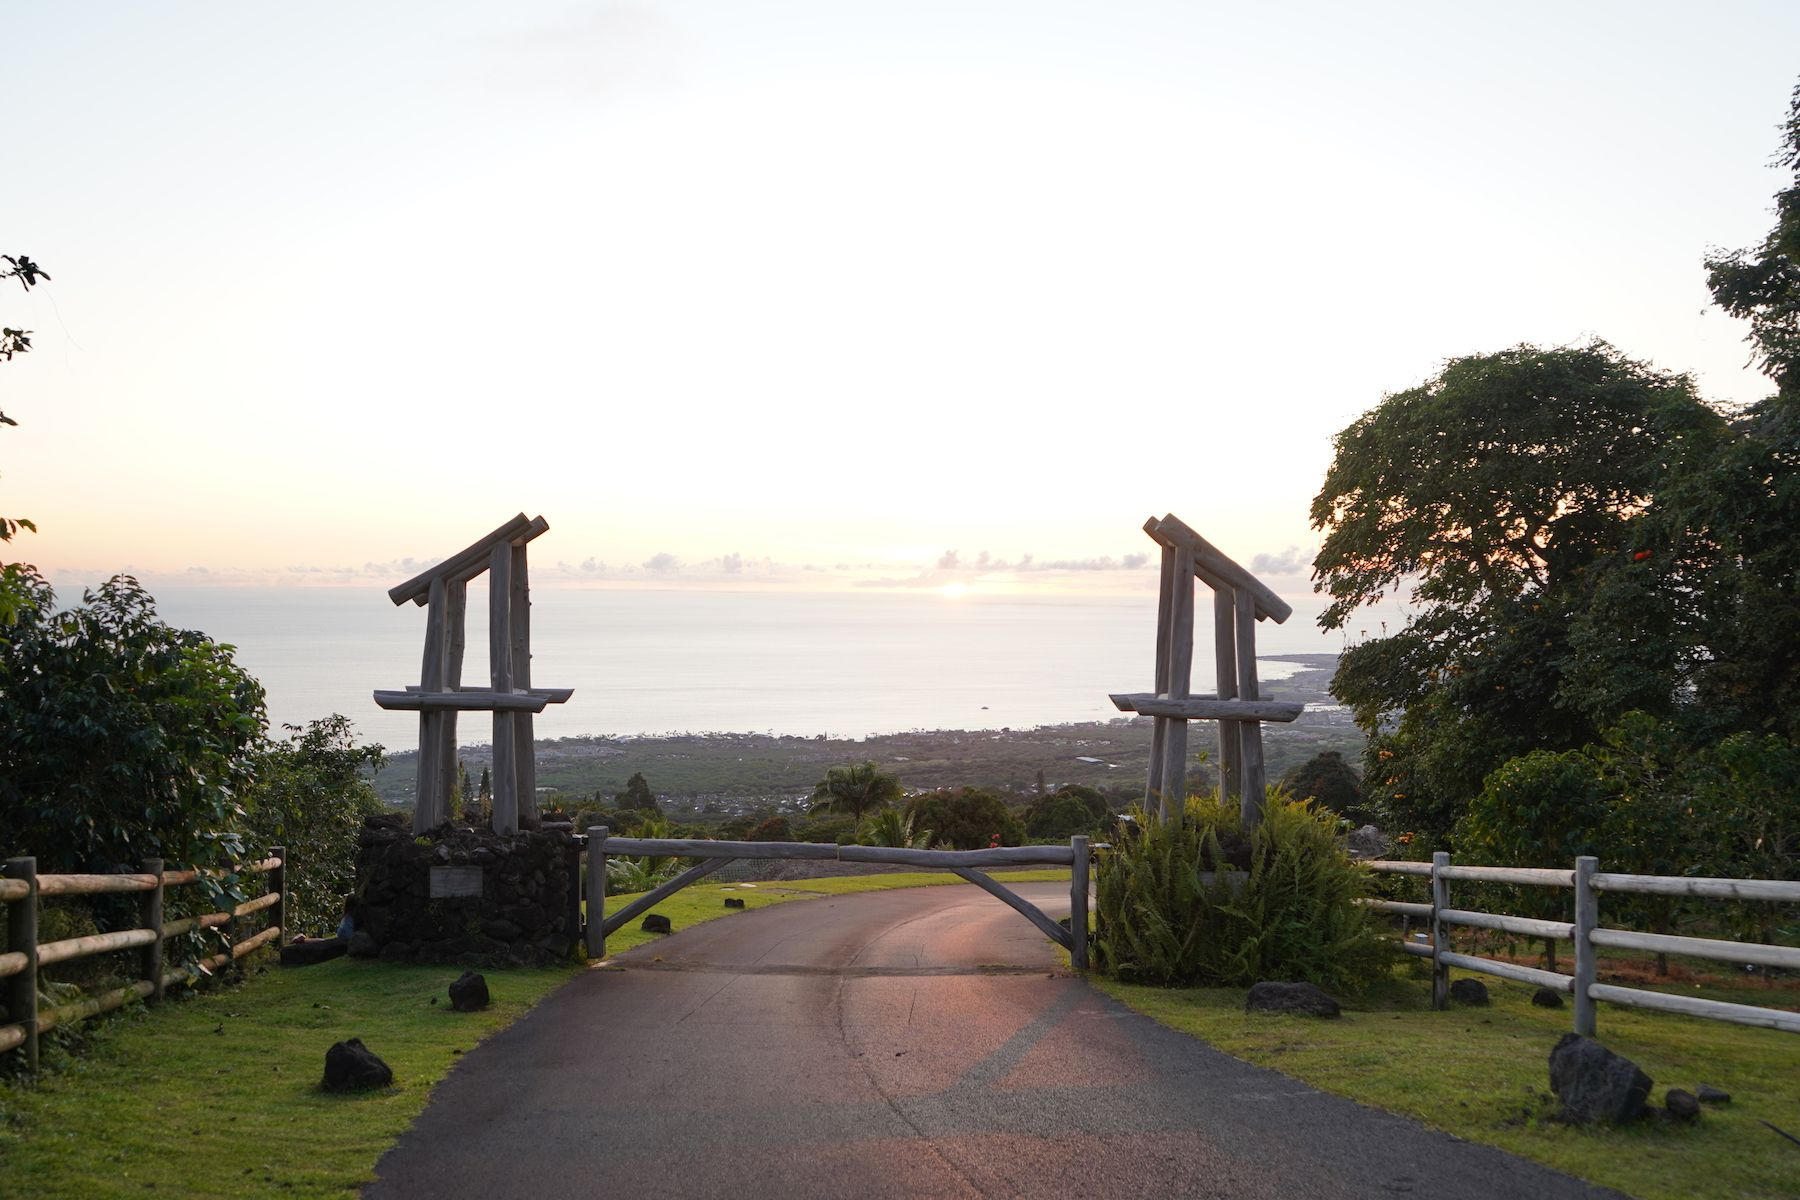 土地,用地 为 销售 在 76-959 Ala Makaa, Holualoa, HI 96725 76-959 Ala Makaa 霍鲁阿诺阿, 夏威夷 96725 美国